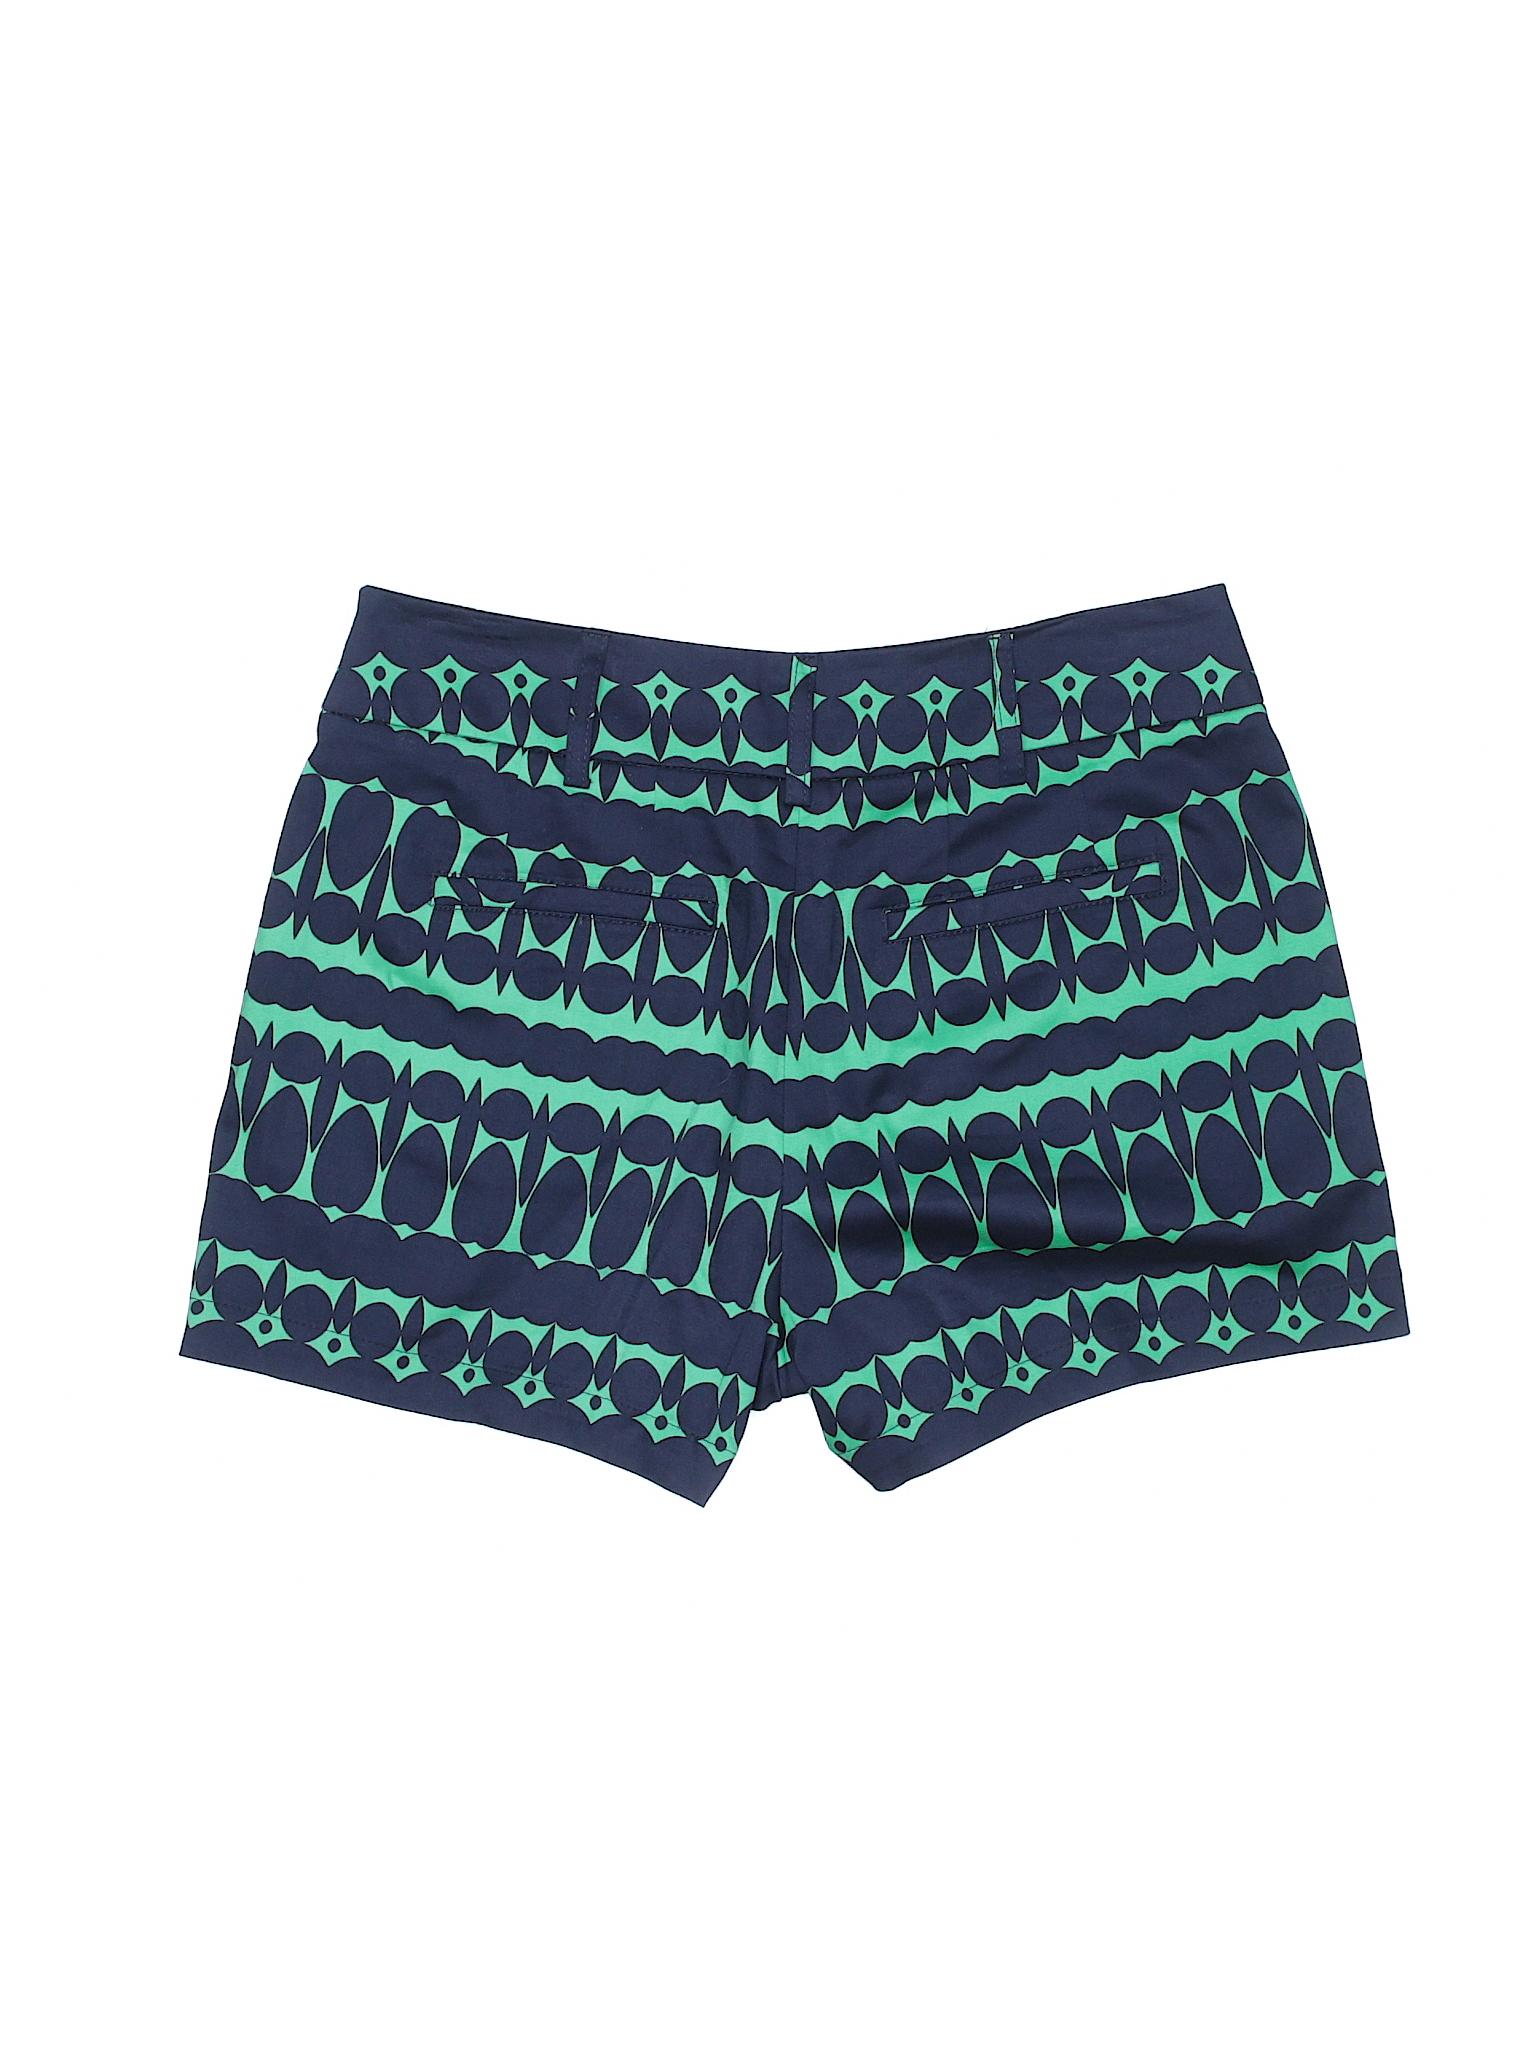 Boutique Nanette Boutique Shorts Lepore Nanette Boutique Lepore Nanette Shorts CvXW6wxSq